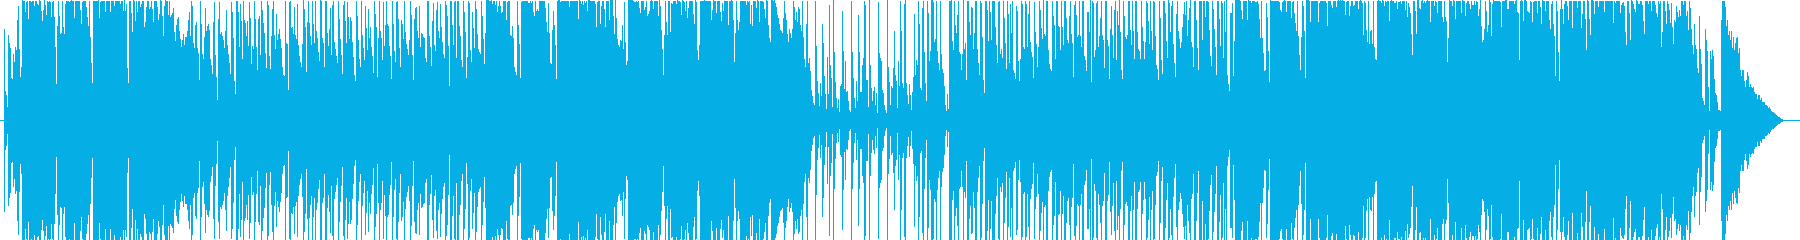 ポップな雰囲気のハミングバンドの再生済みの波形